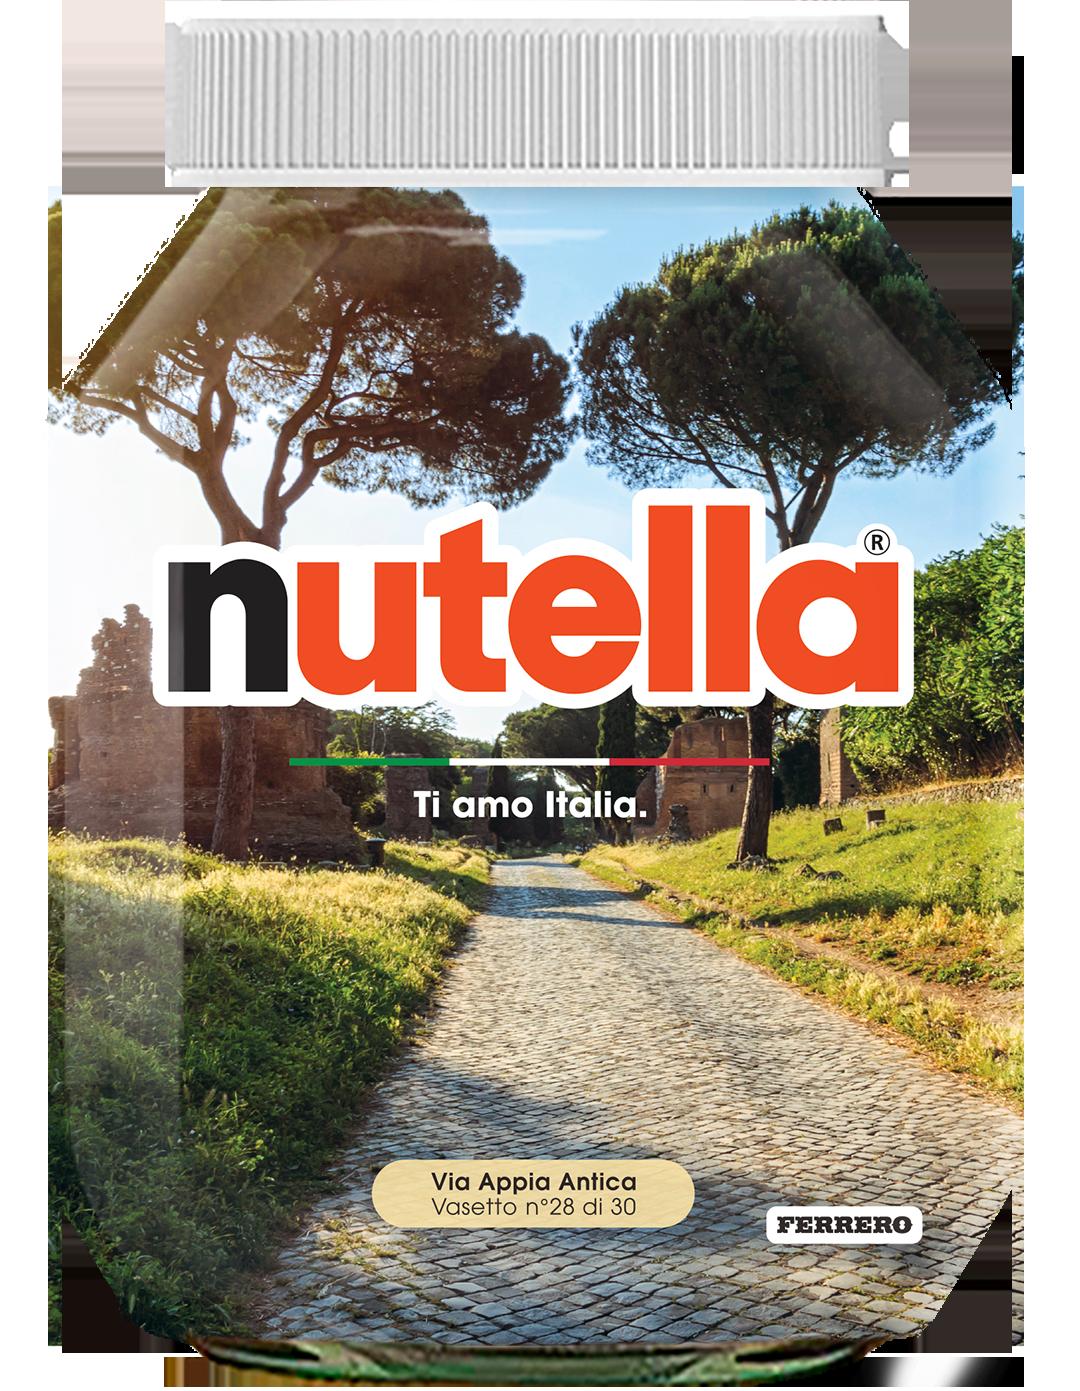 Lazio - Via Appia Antica - i vasetti di nutella dedicati all'italia